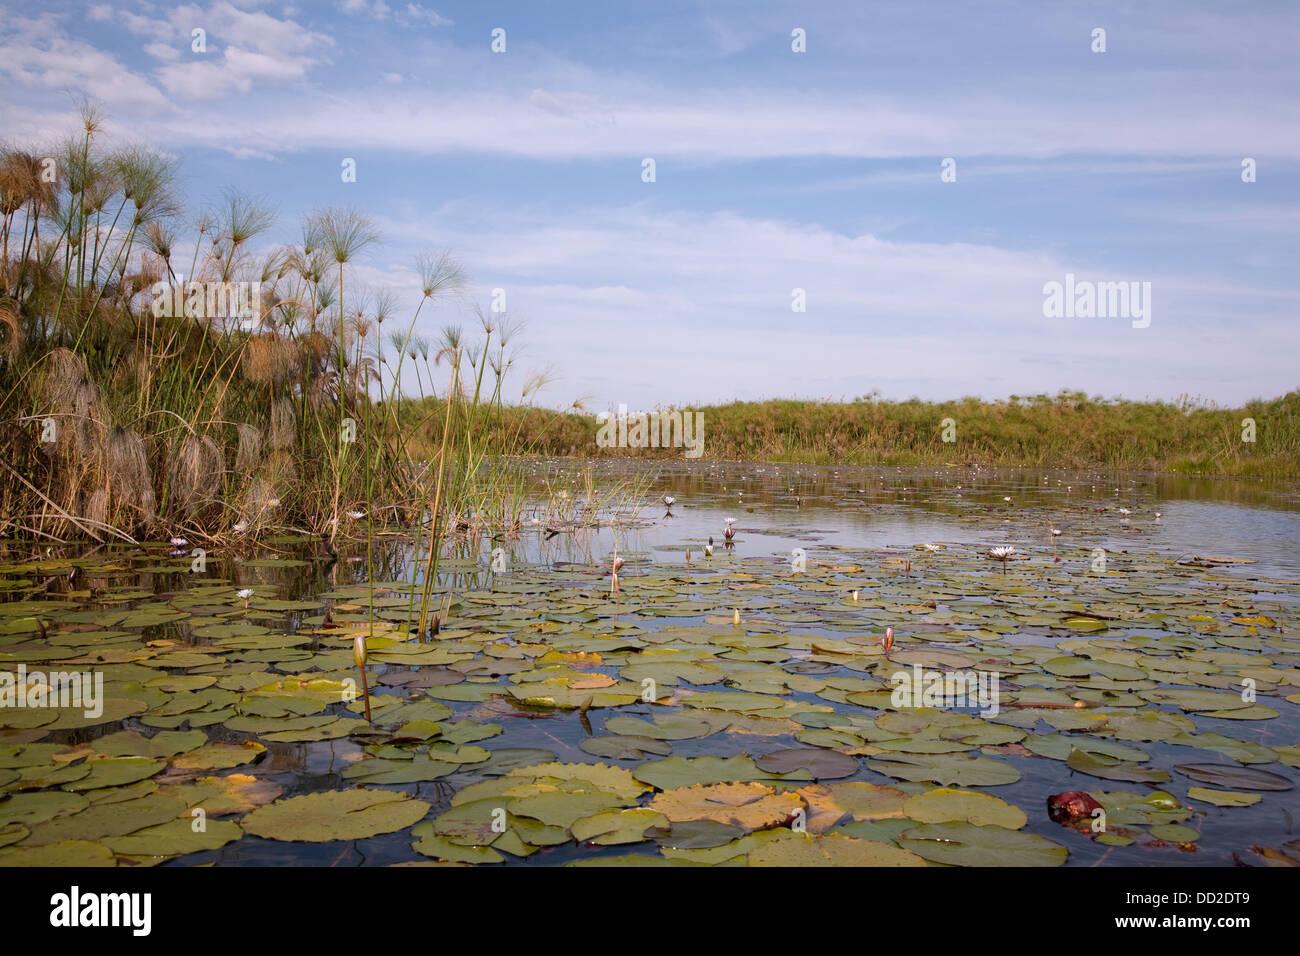 Western Okavango Delta - Stock Image